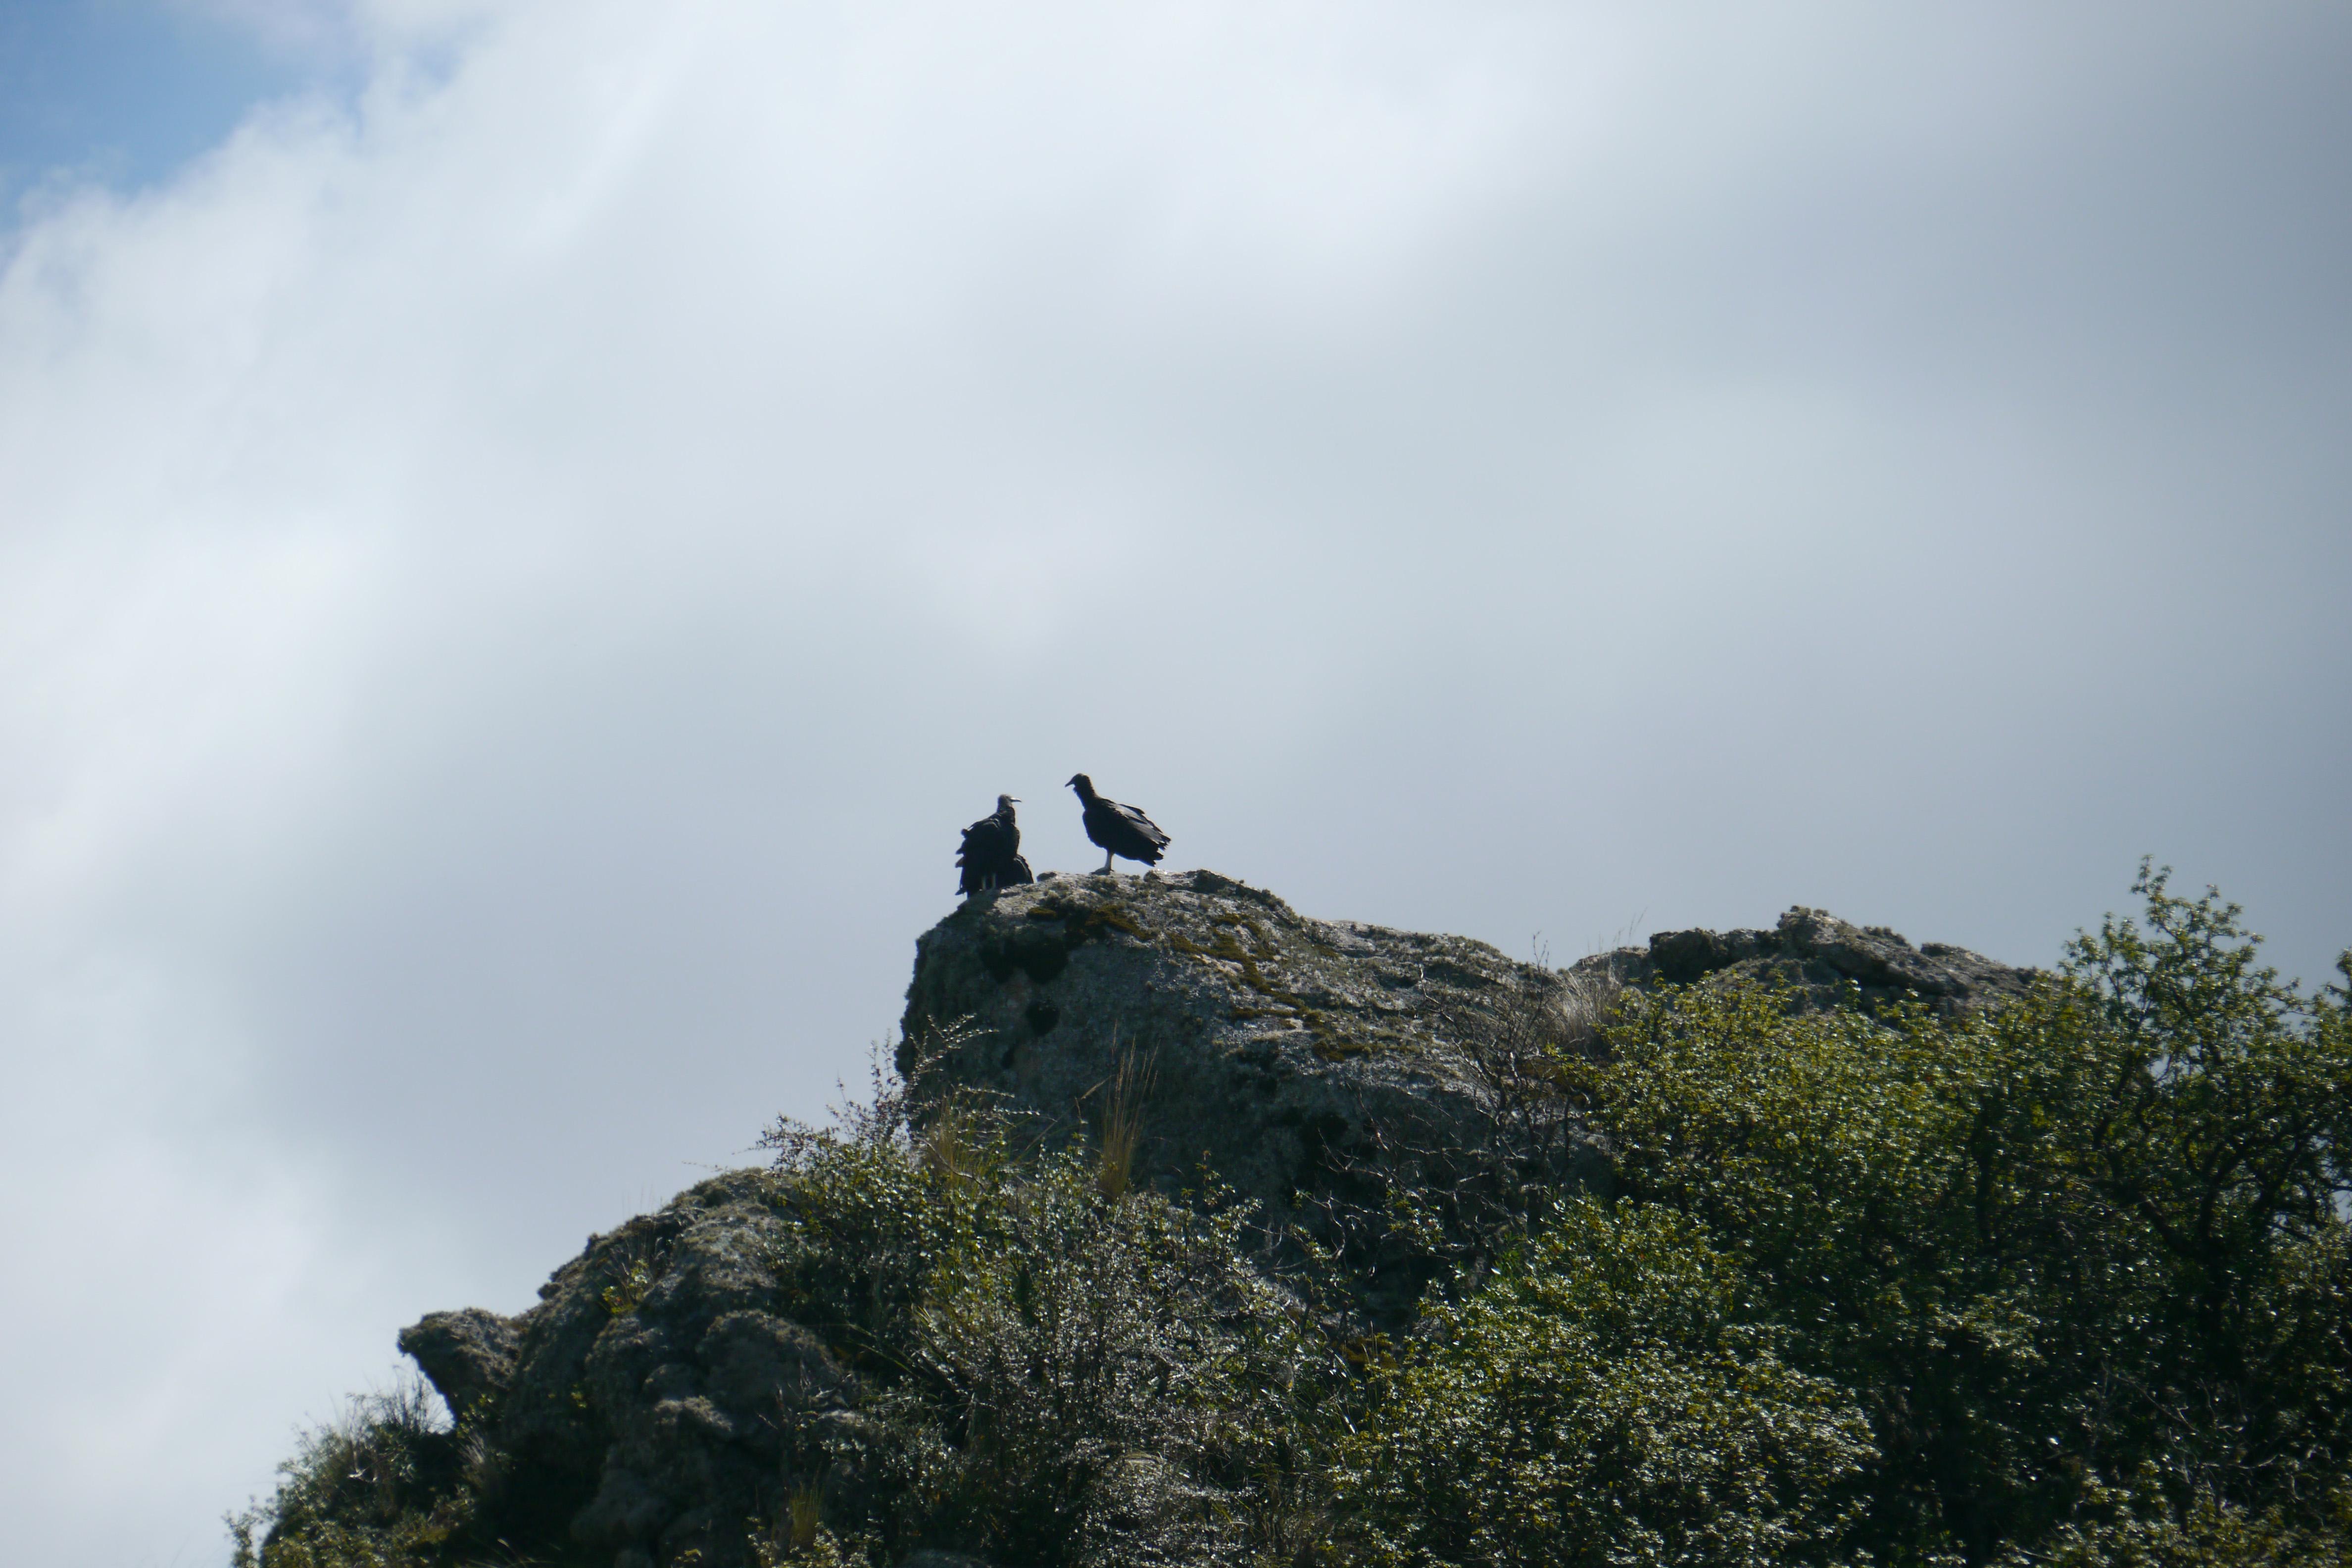 011 0903 NP Quebrada del Condorito 17JPG